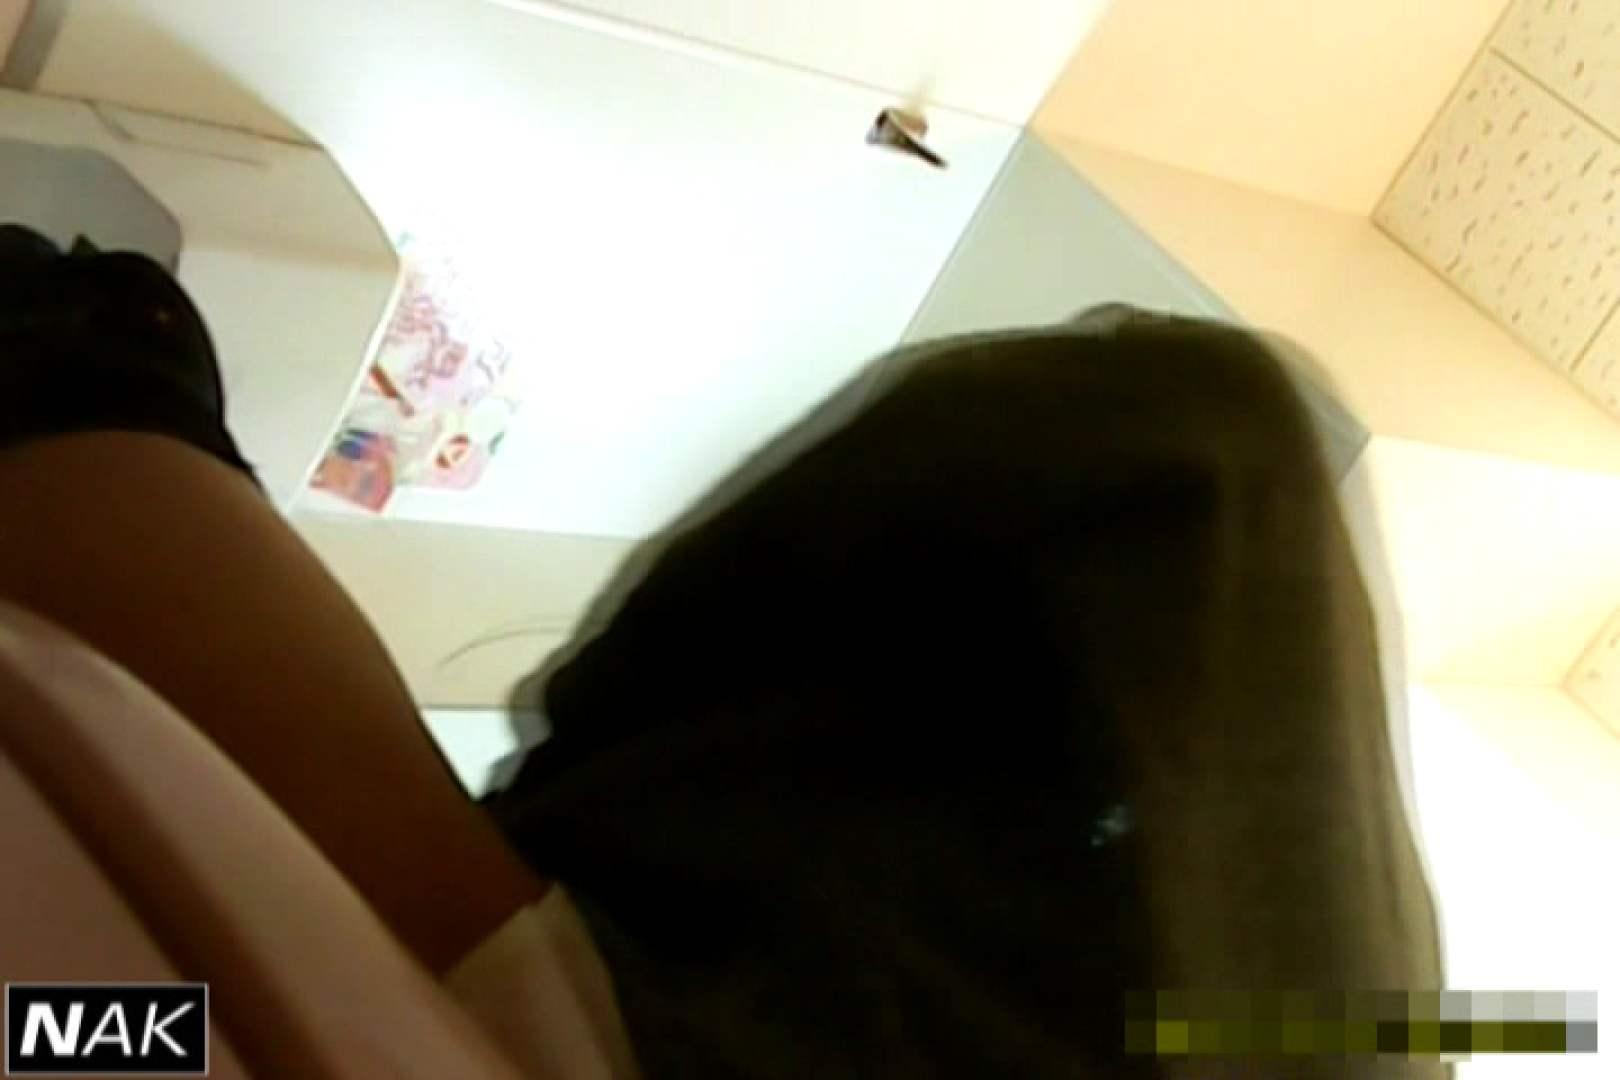 超高画質5000K!脅威の2点かわや! vol.21 美しいOLの裸体 ワレメ無修正動画無料 97pic 86